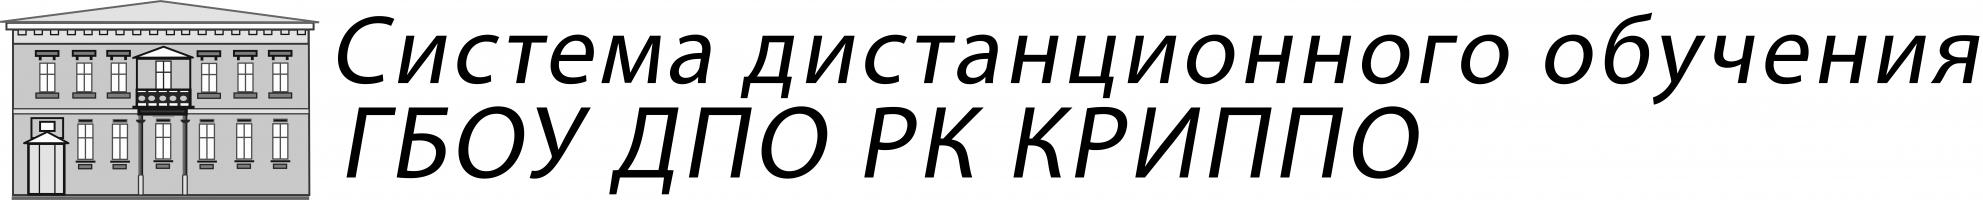 Дистанционное обучение ГБОУ ДПО РК КРИППО